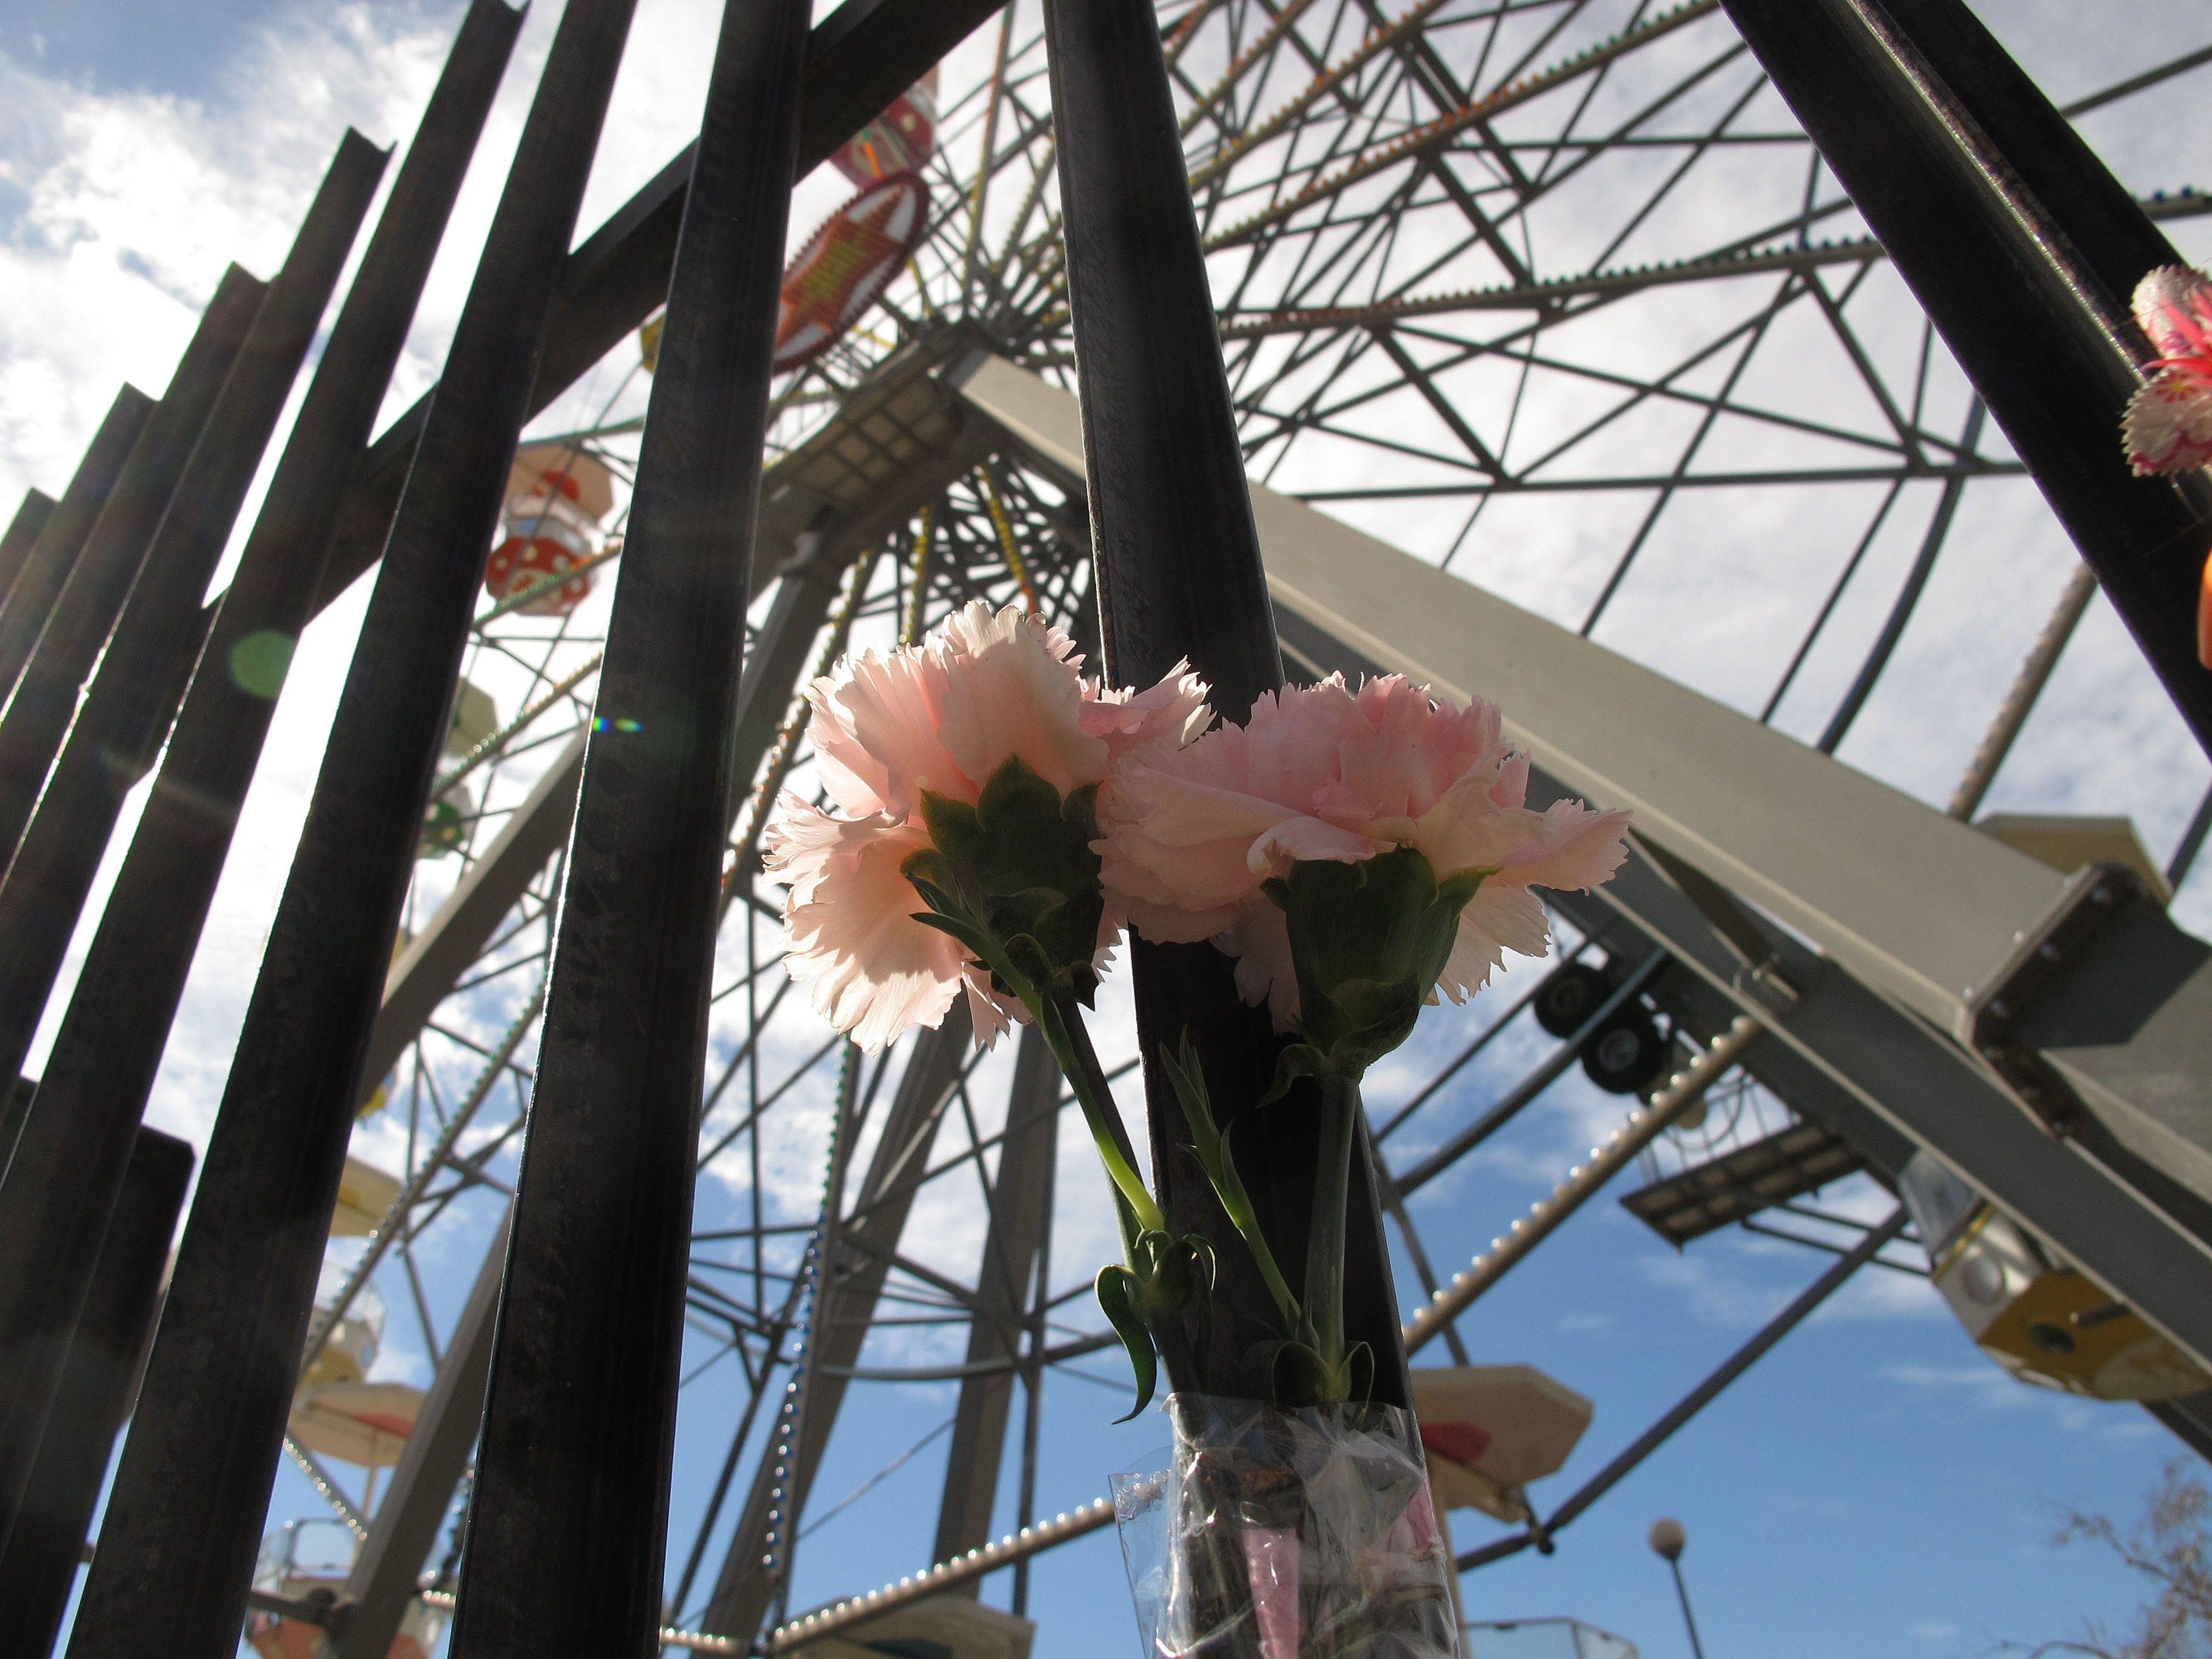 El parque de diversiones amaneció hoy con algunas ofrendas en solidaridad con las víctimas. (Foto: A. Celoria).